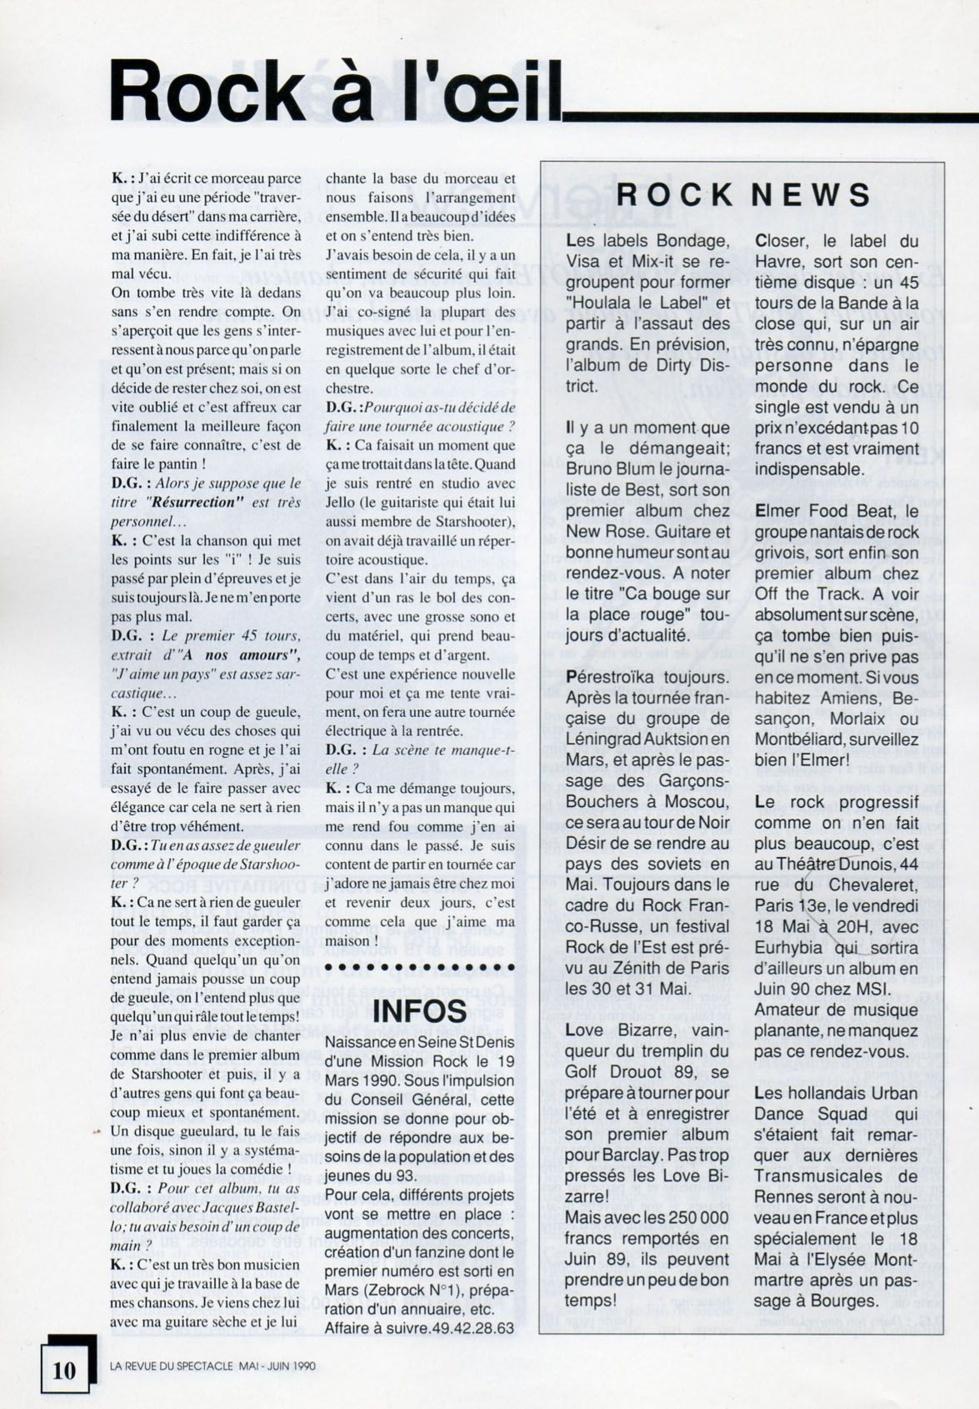 Tous droits réservés © Gil Chauveau/La Revue du Spectacle 2013.